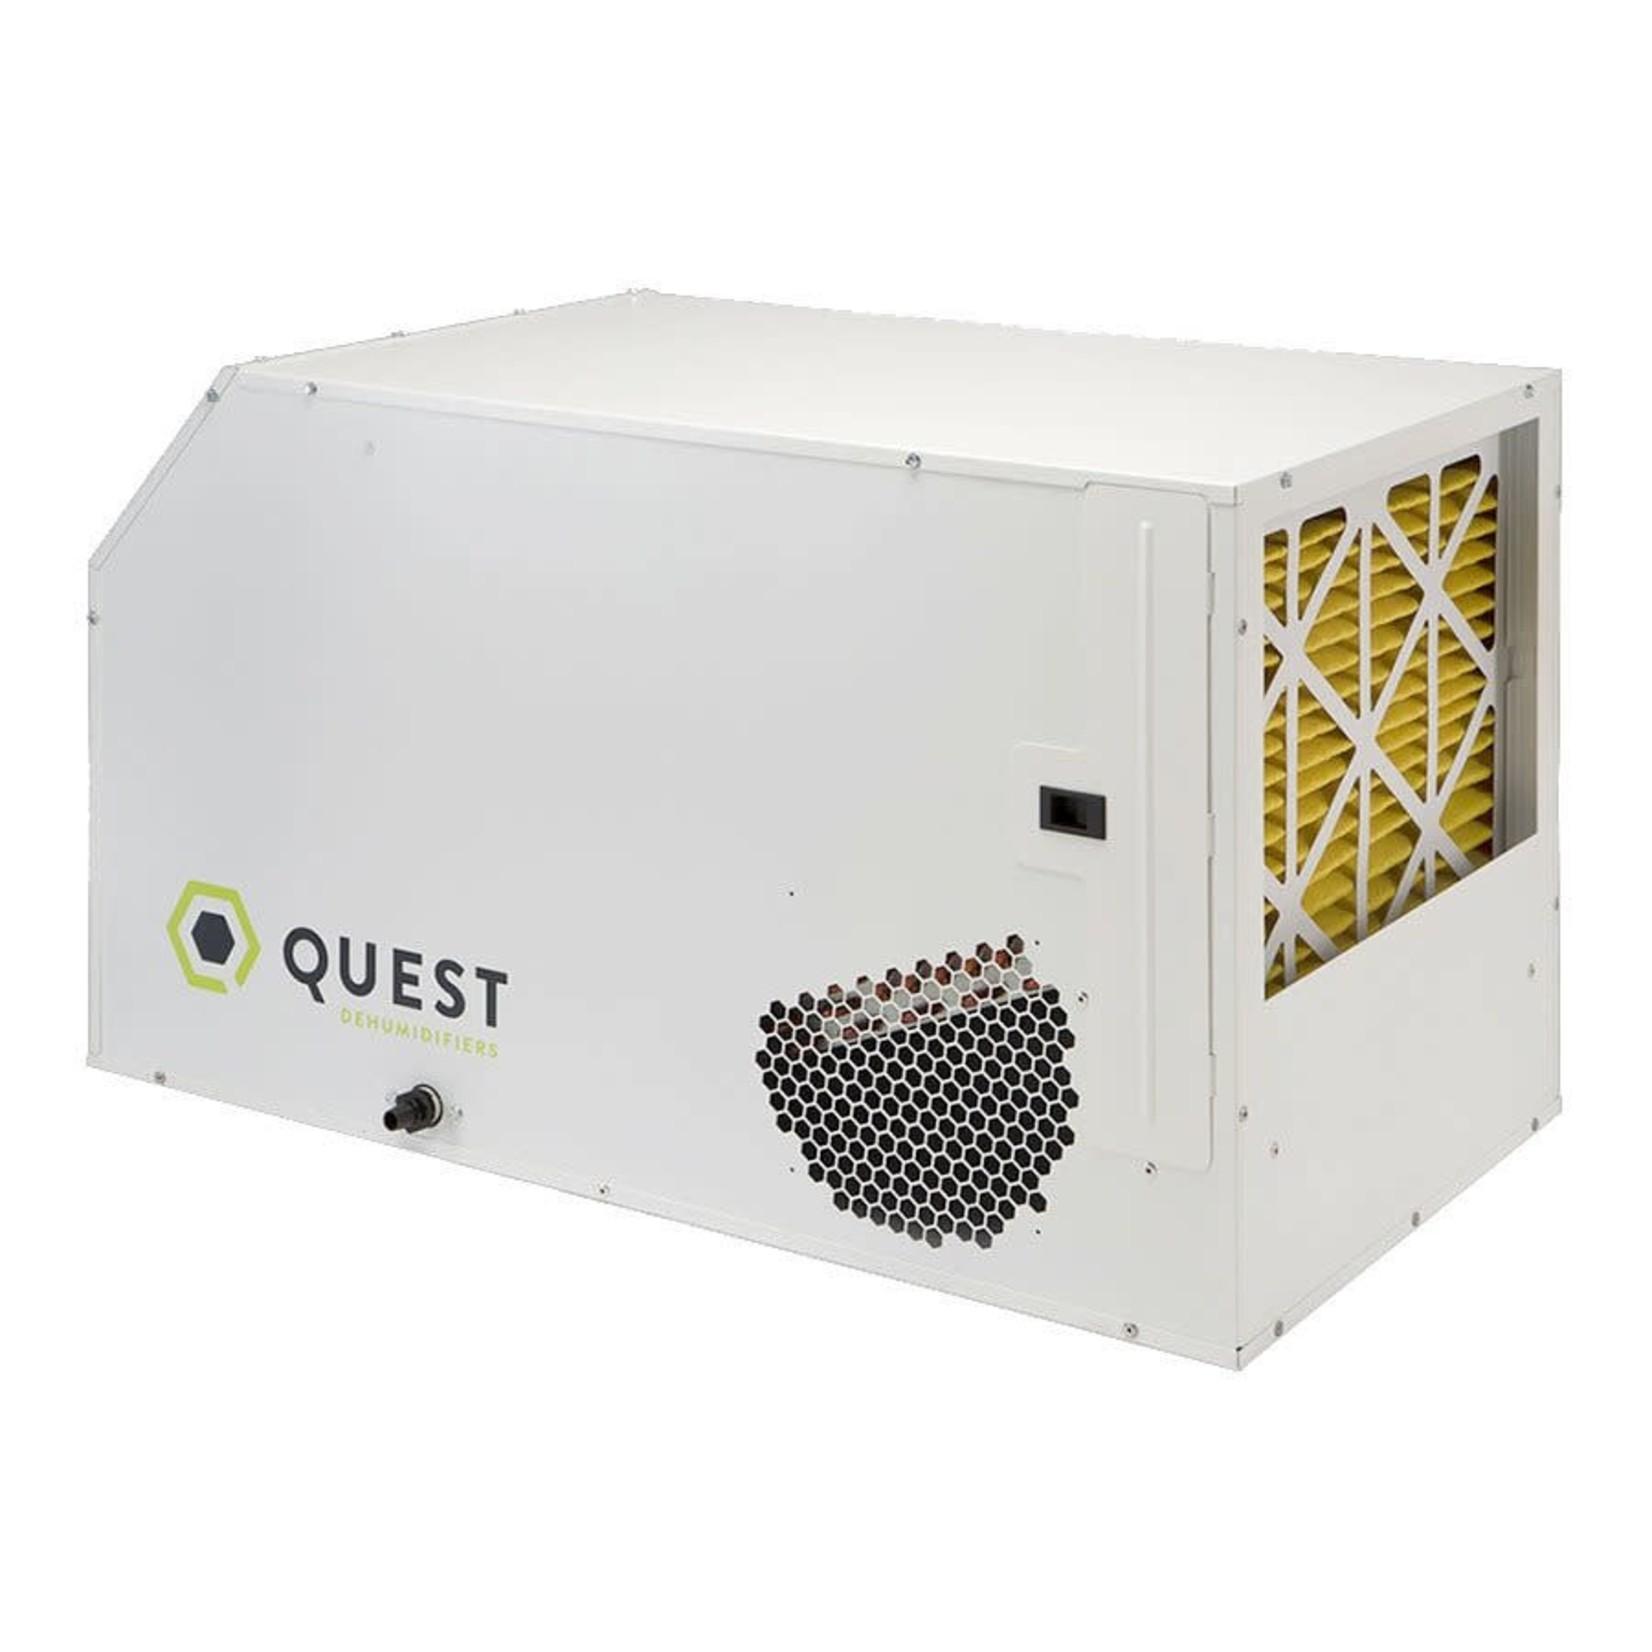 quest QUEST DUAL 150 DEHUMIDIFIER 120V (1)